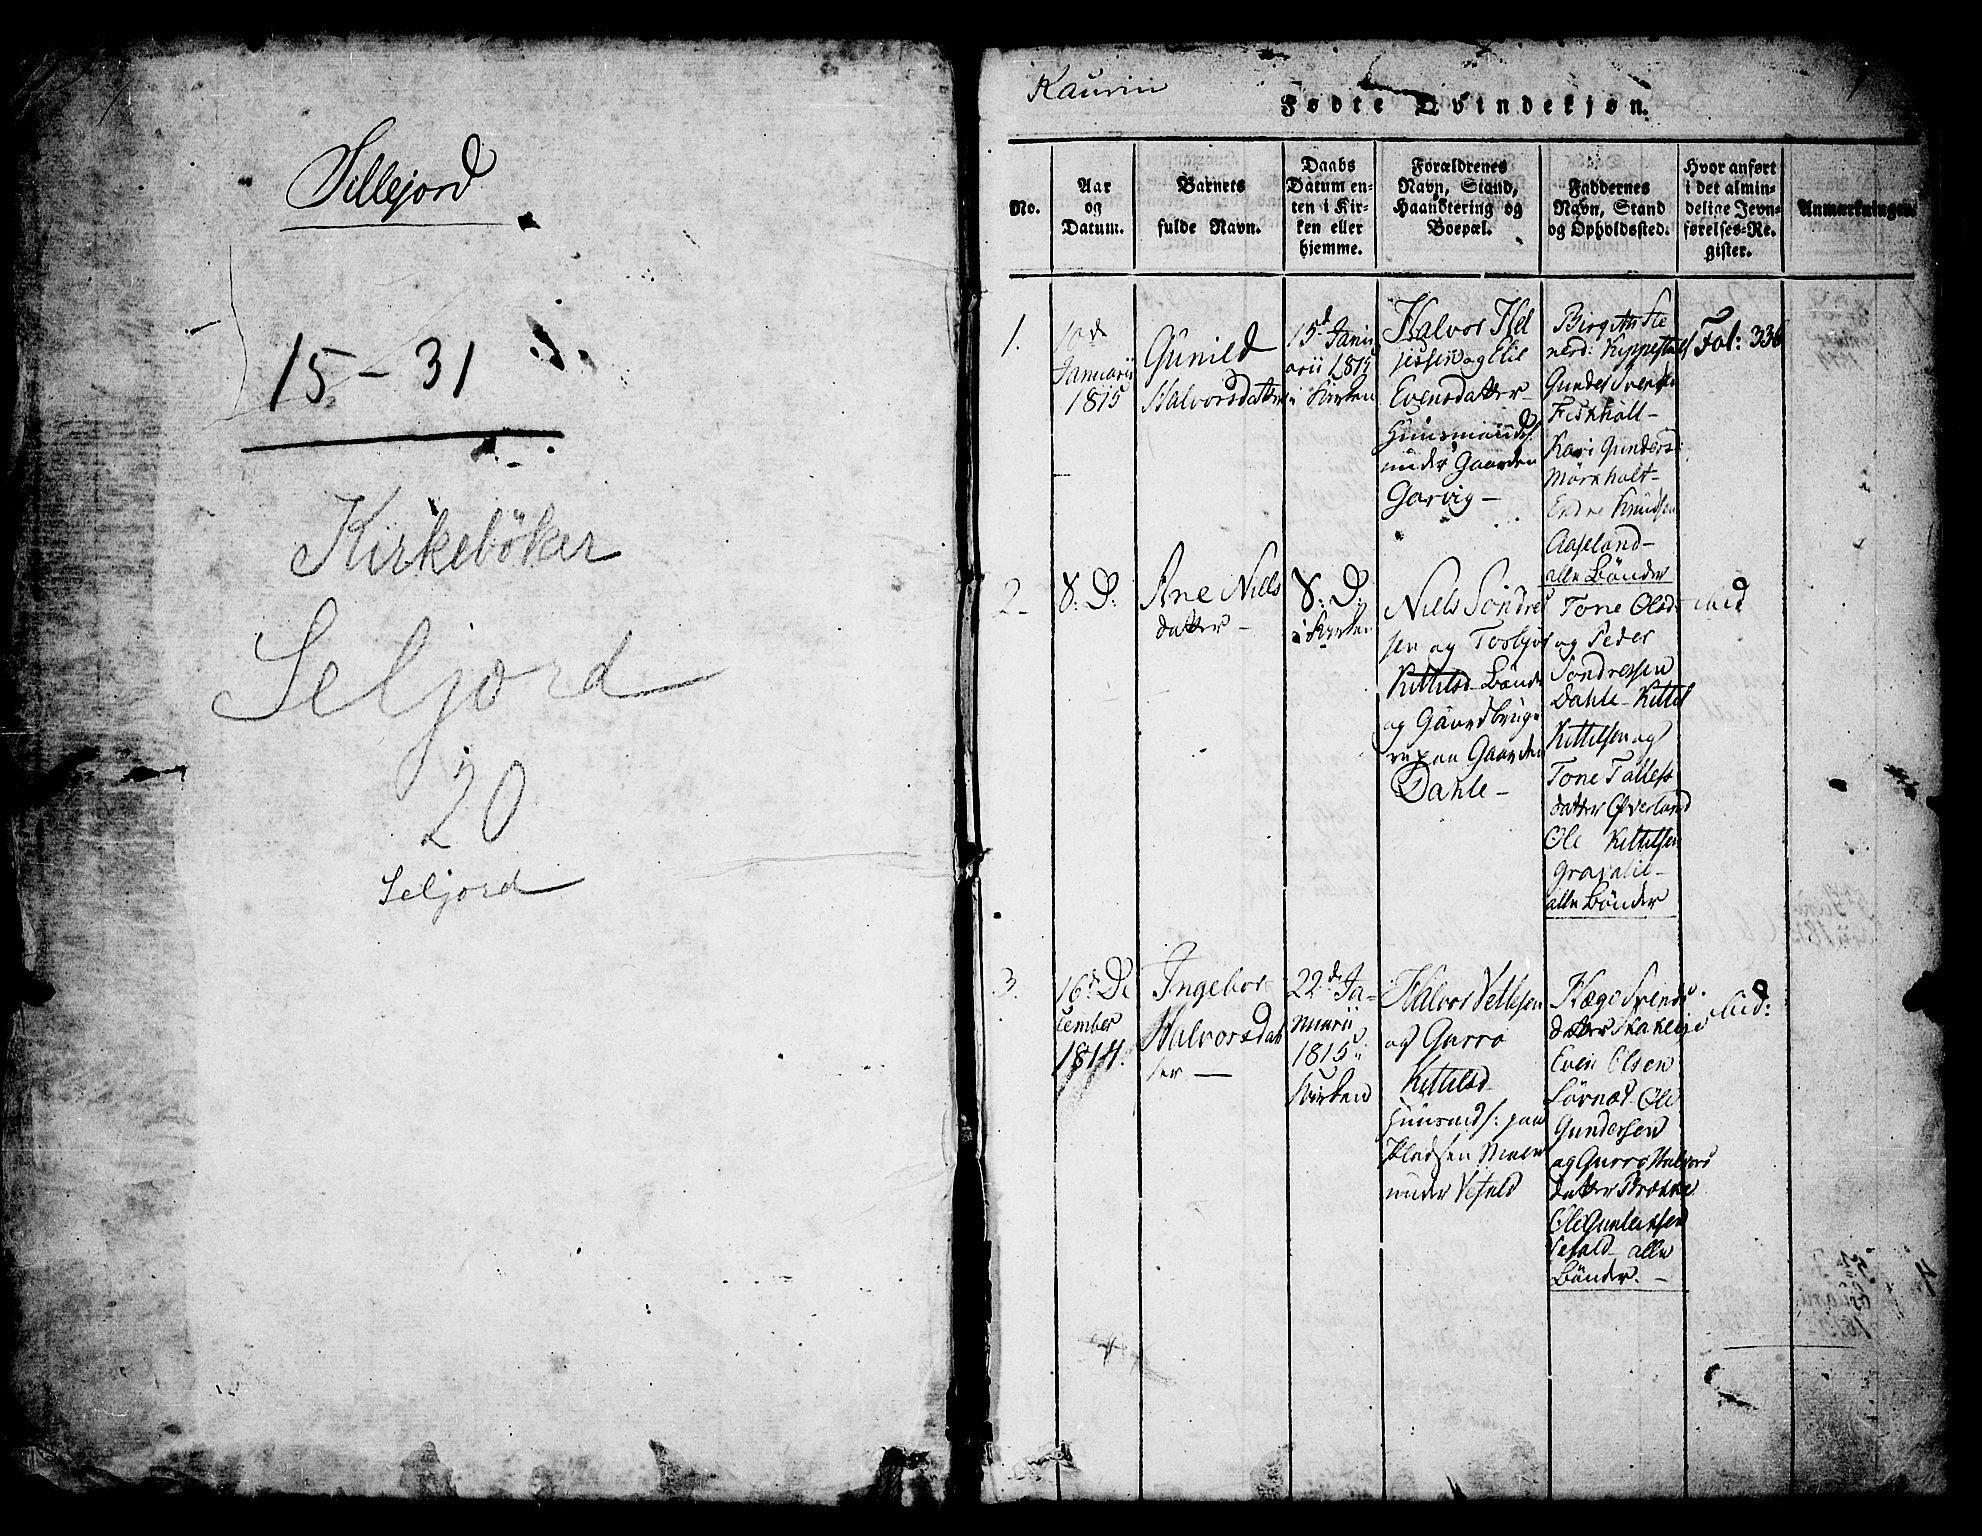 SAKO, Seljord kirkebøker, F/Fa/L0010: Ministerialbok nr. I 10, 1815-1831, s. 1